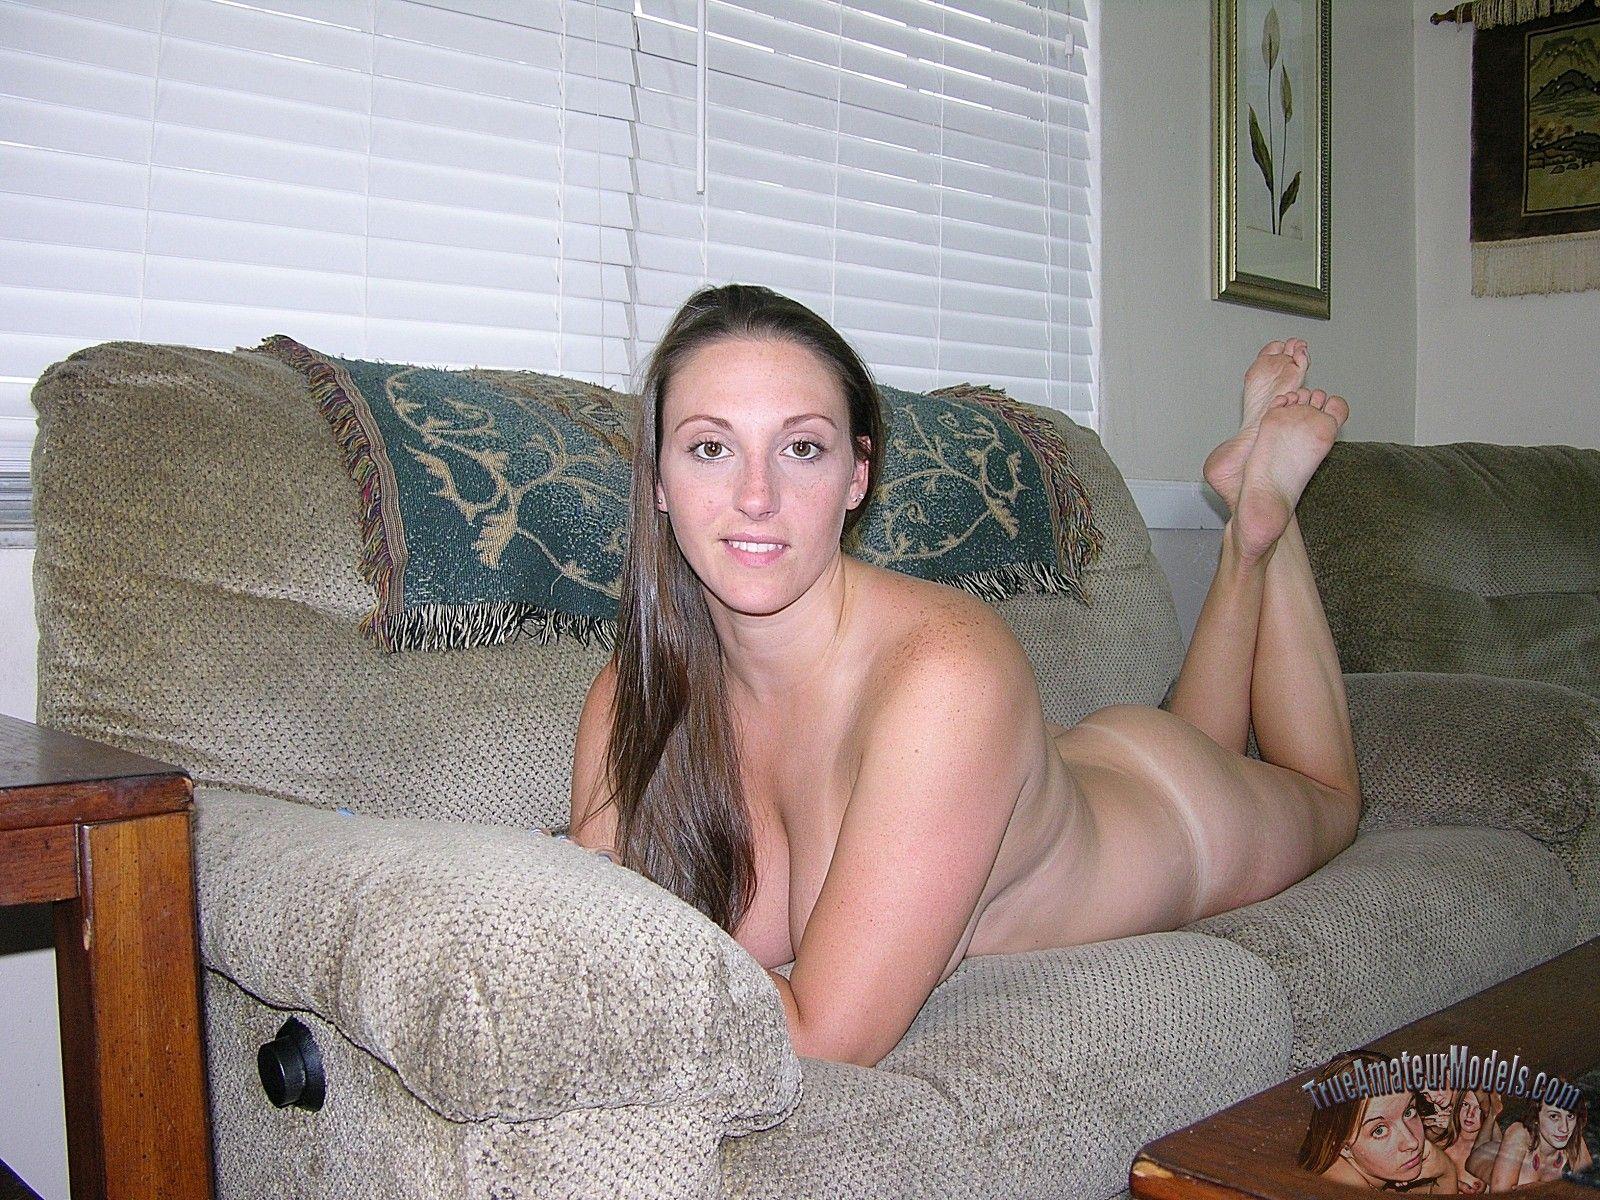 best of Women modeling nude Amatuer